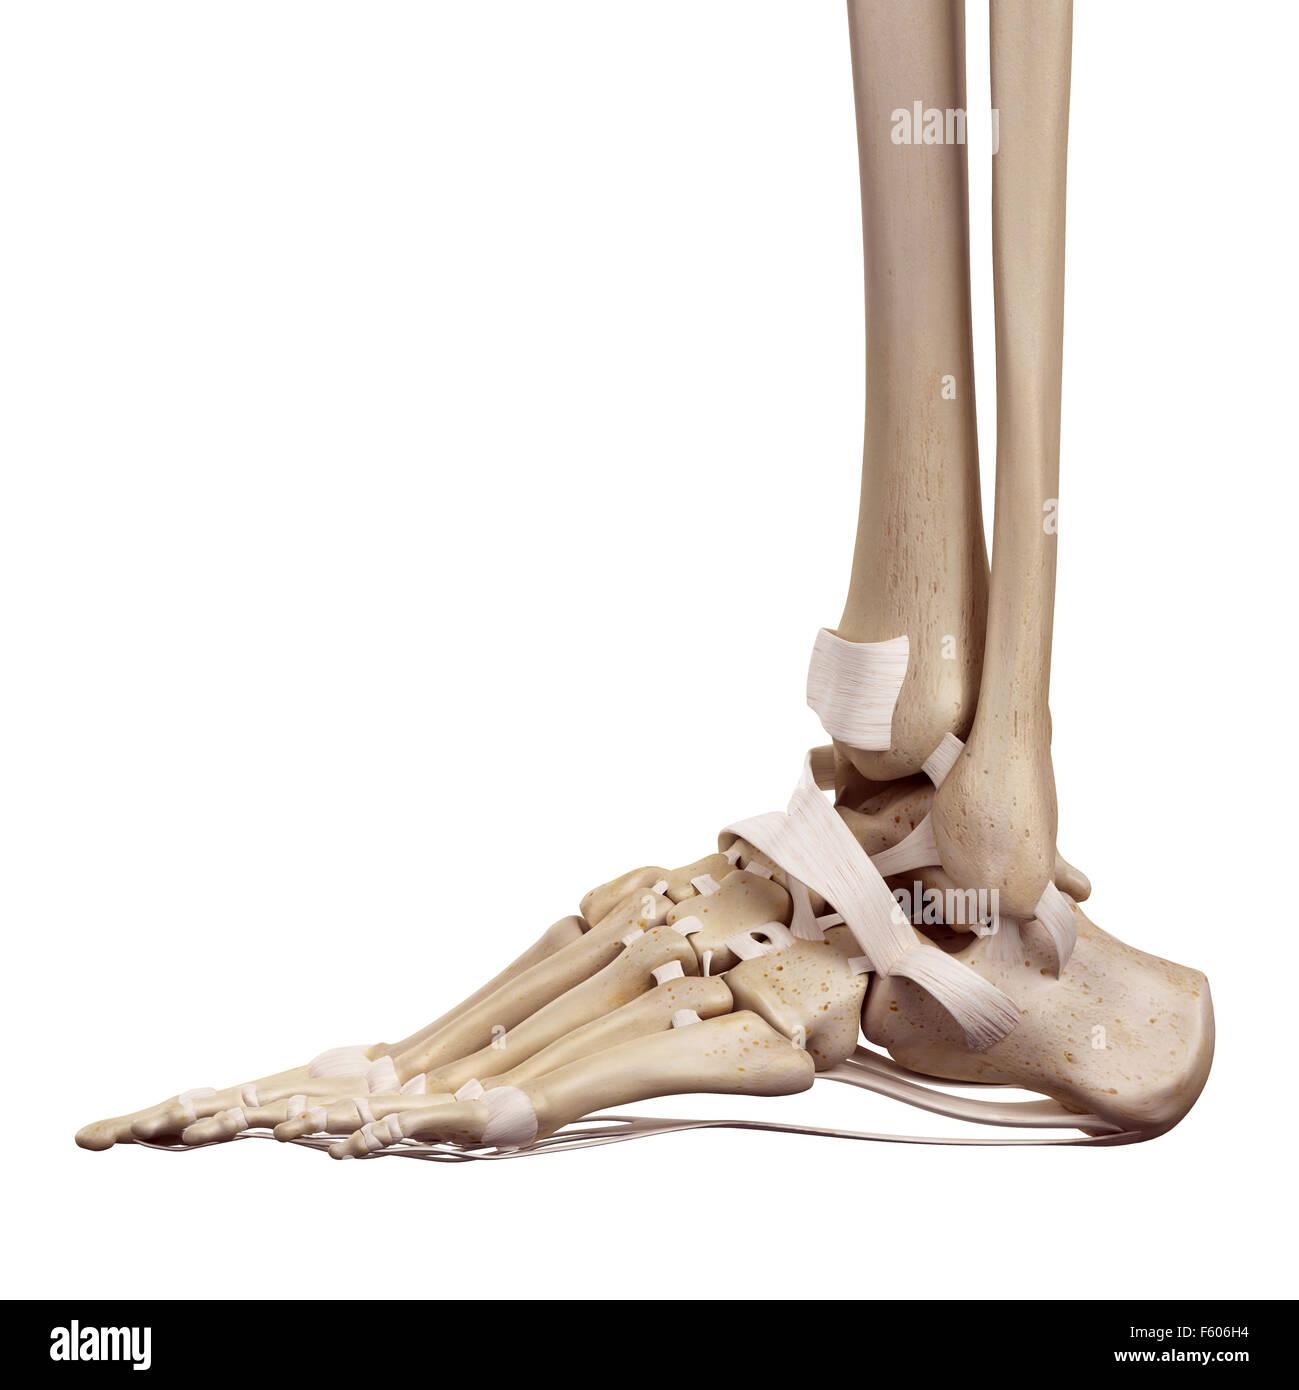 Fantastisch Anatomie Sprunggelenk Bilder - Anatomie Ideen - finotti.info